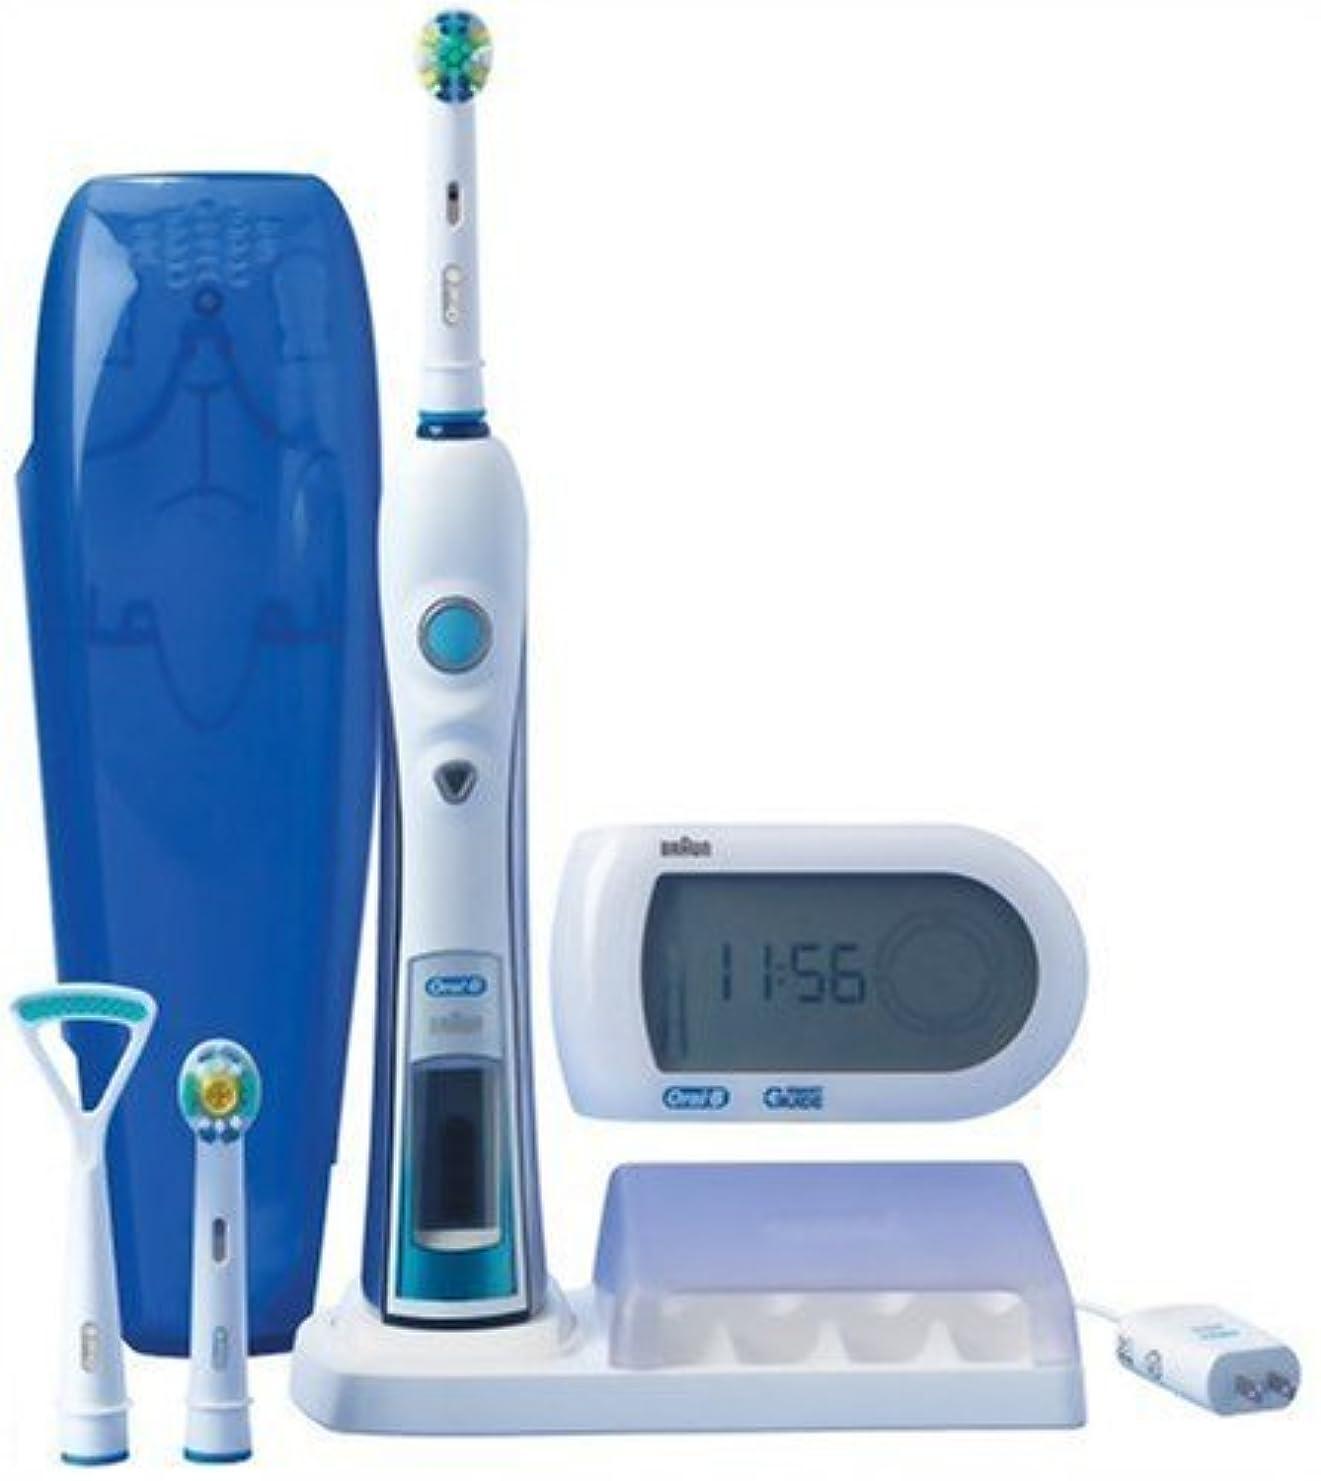 めまい姪手のひらブラウン オーラルB 電動歯ブラシ 多機能ハイグレードモデル 歯磨きナビ付 D325365X